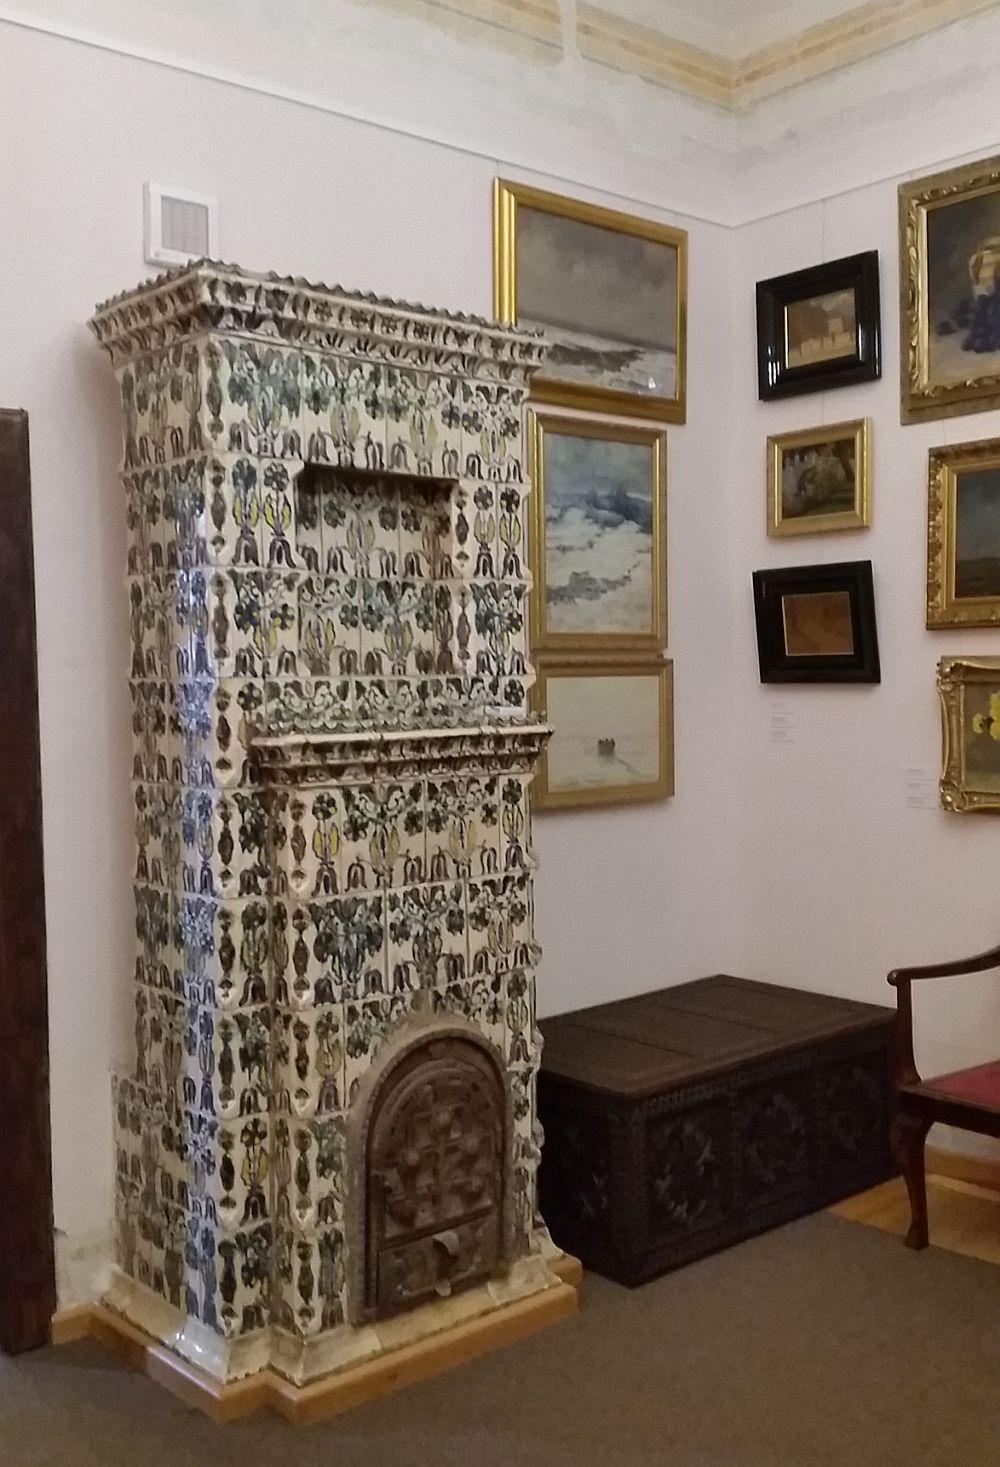 Sobă din ante camera bisericească unde există colecție de tablouri, dar și o sobă cu cahle pictate în mai multe nuanțe.